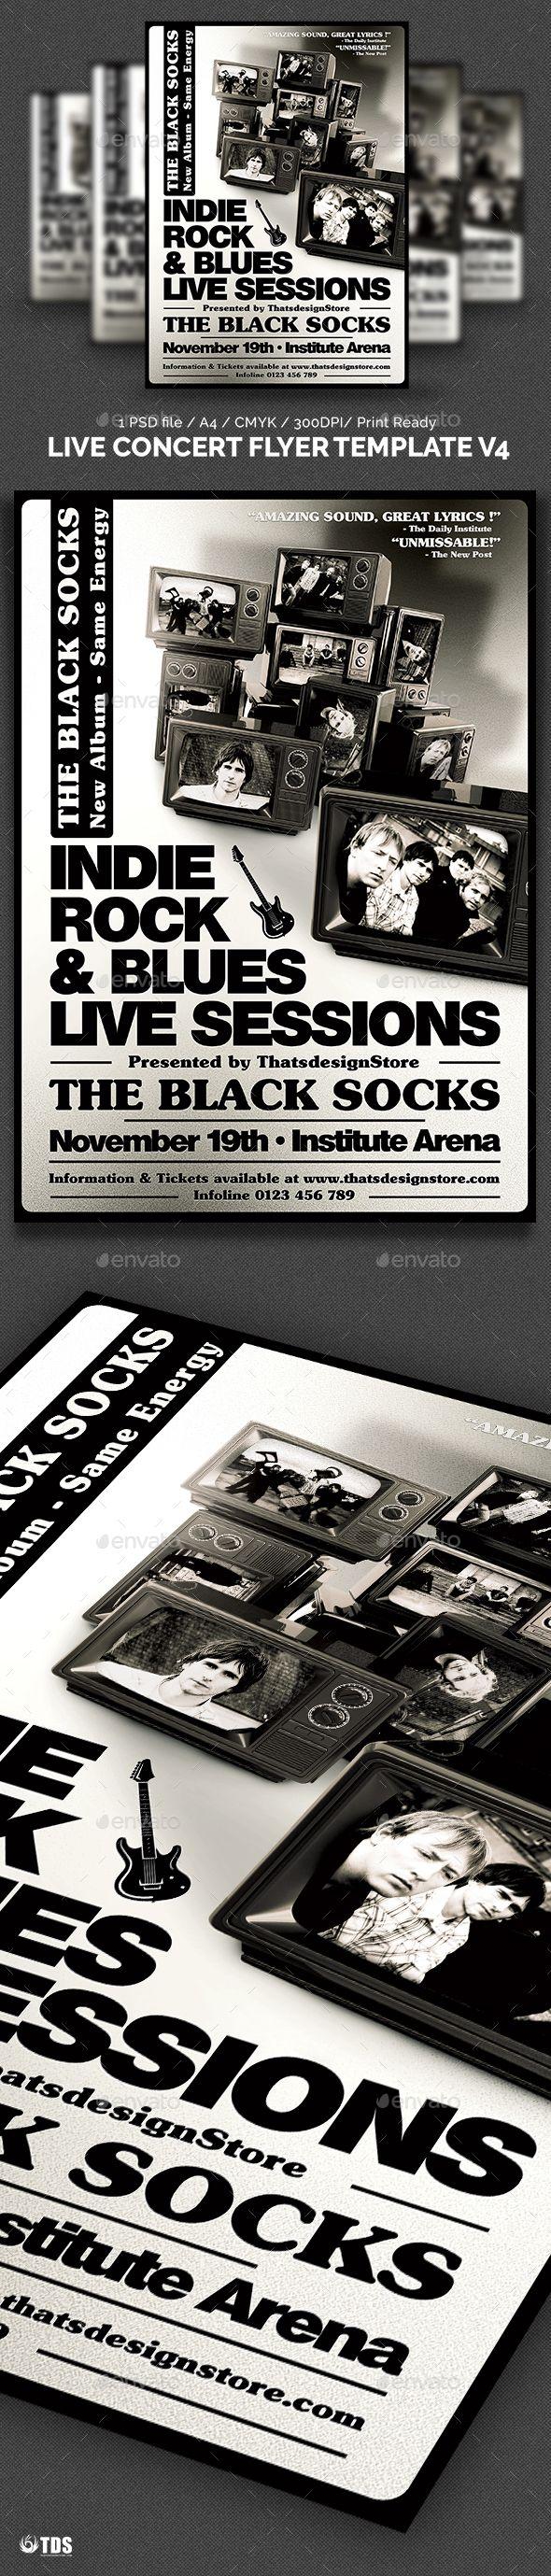 Live Concert Flyer Template V4 | Concert flyer, Flyer template and ...